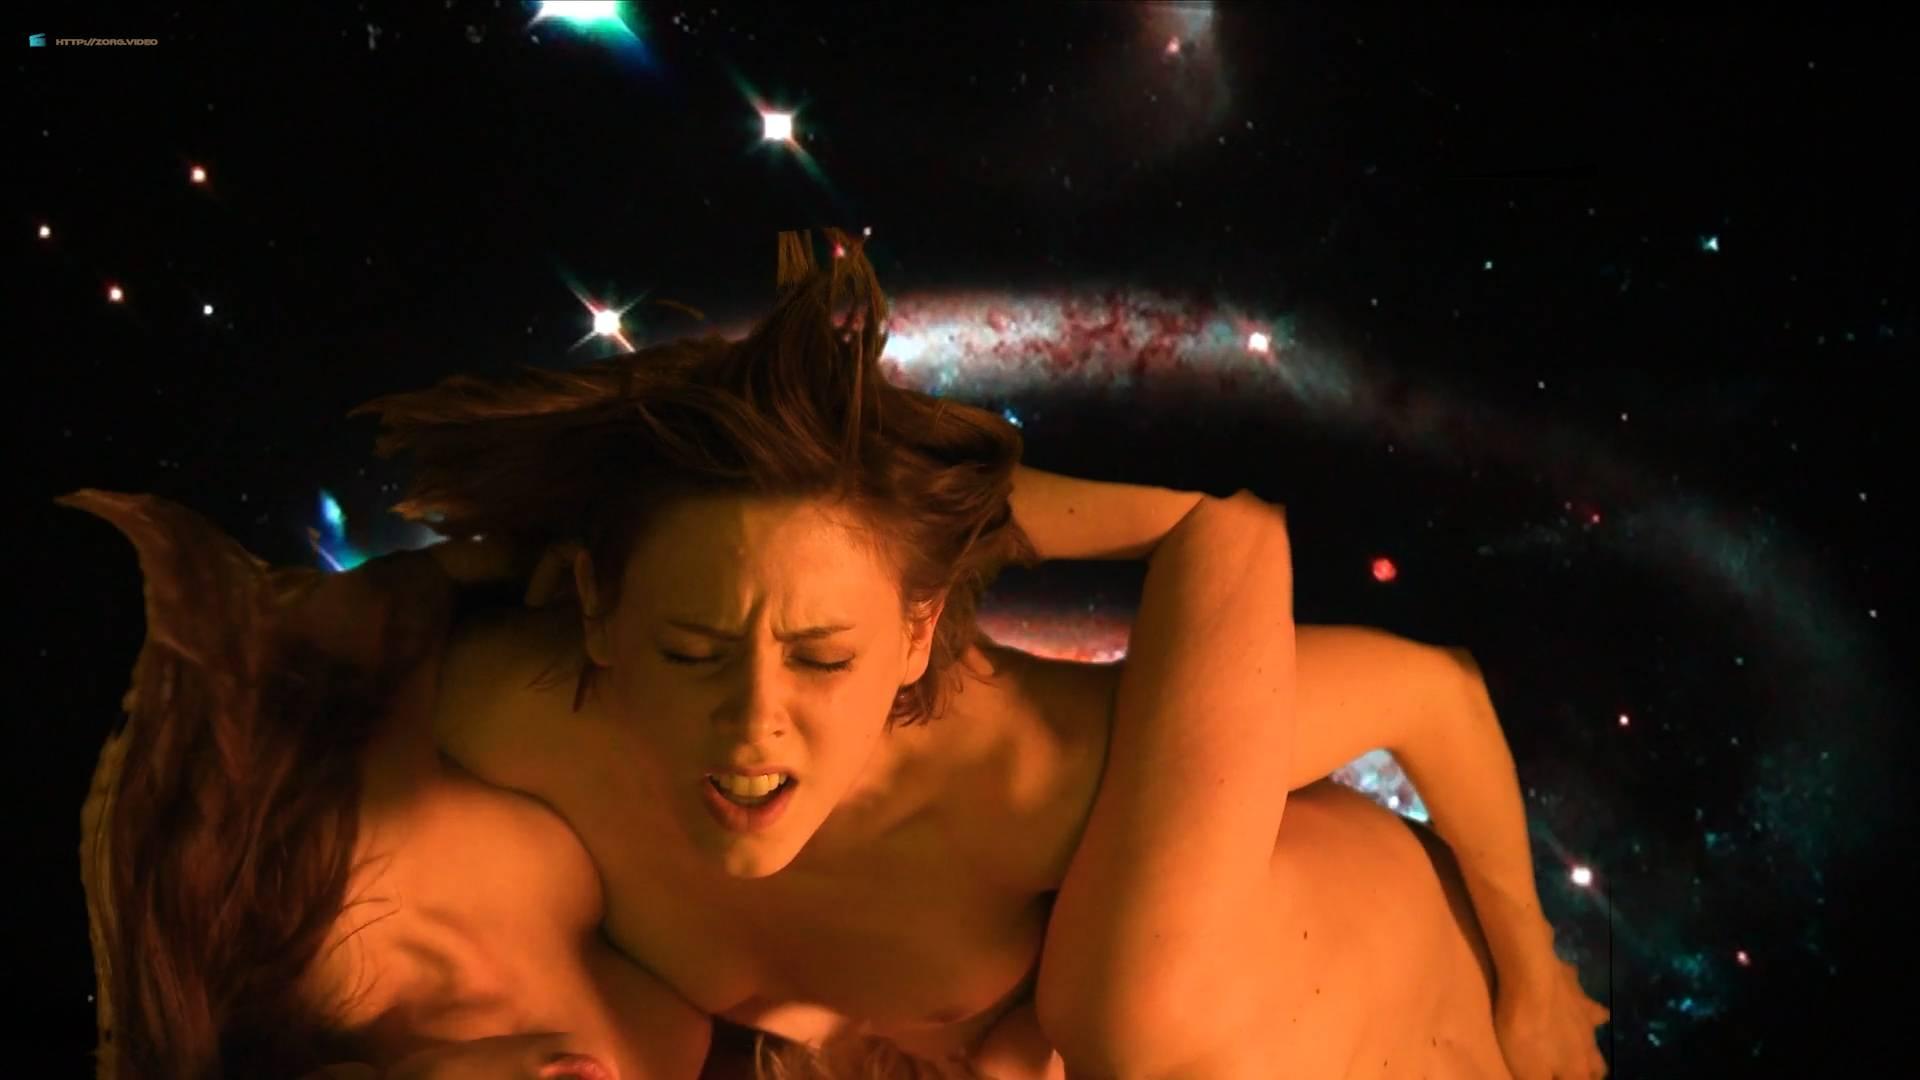 Fabienne Babe nude bush sex threesome Isabelle Prim, Anna Sigalevitch nude - Que le diable nous emporte (FR-2018) HD 1080p (2)